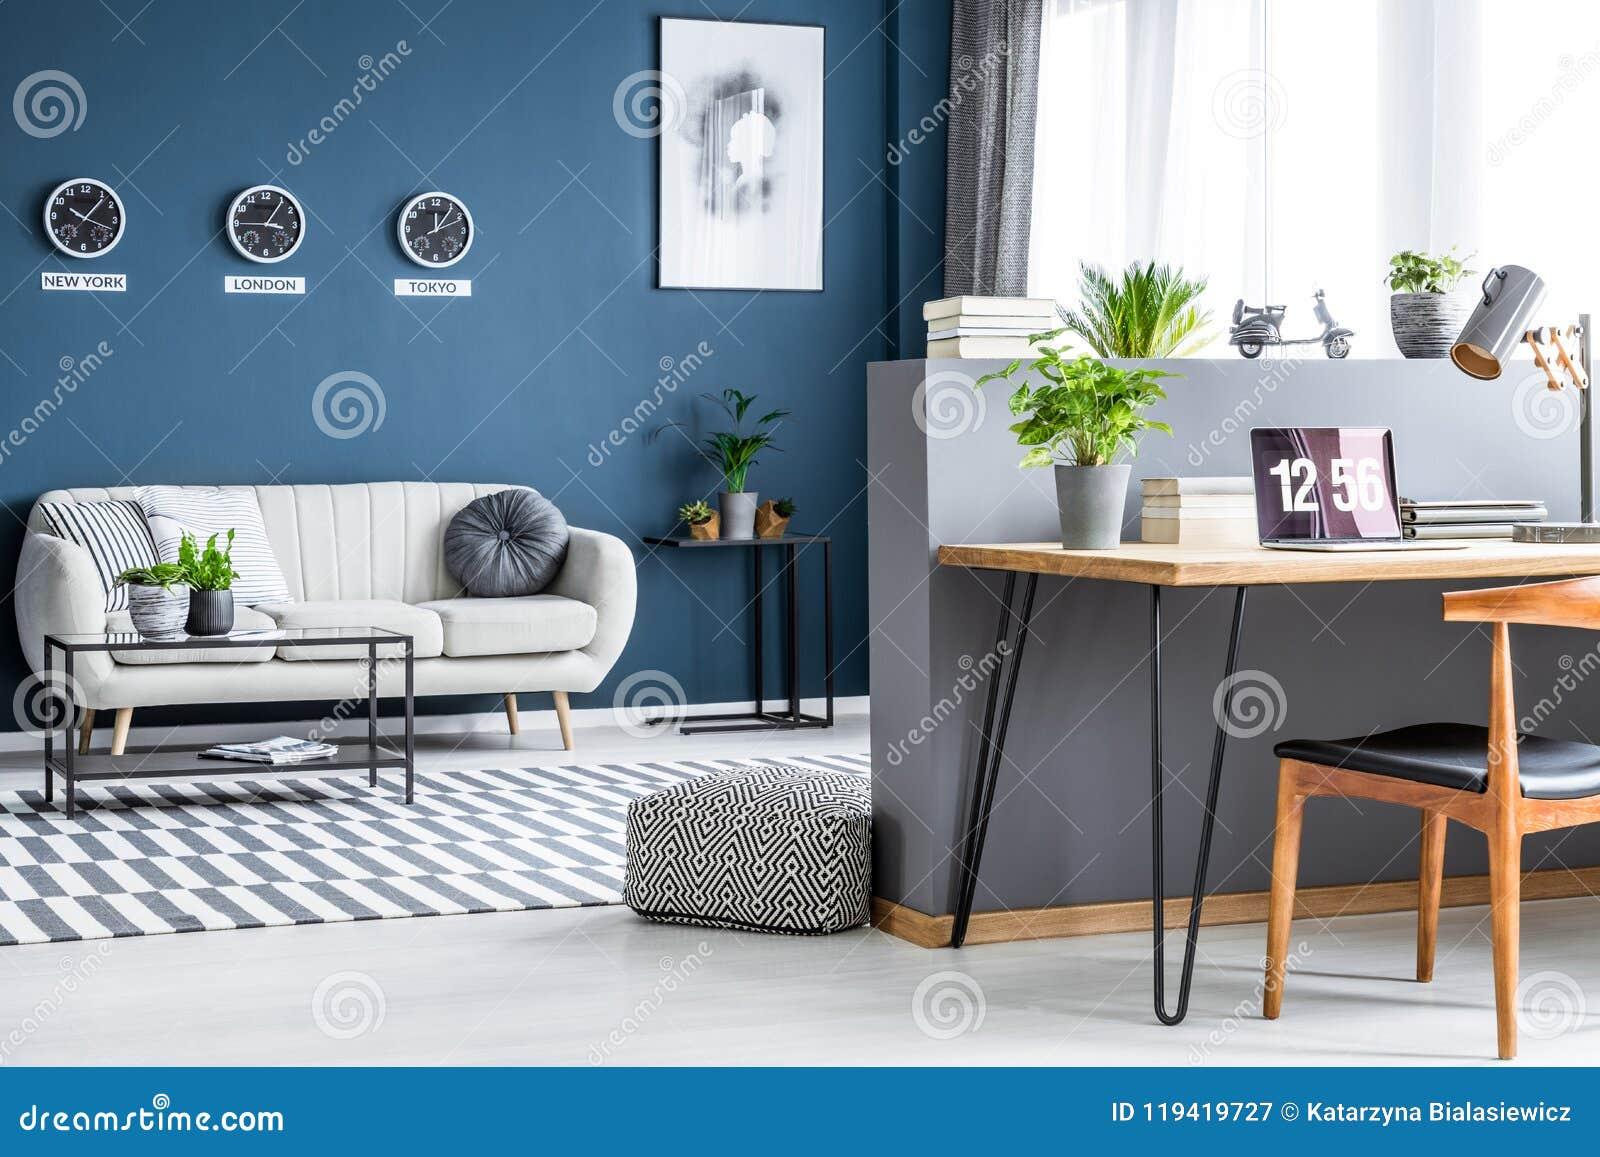 Dunkelblauer Wohnzimmerinnenraum mit drei Uhren, einfaches Plakat,